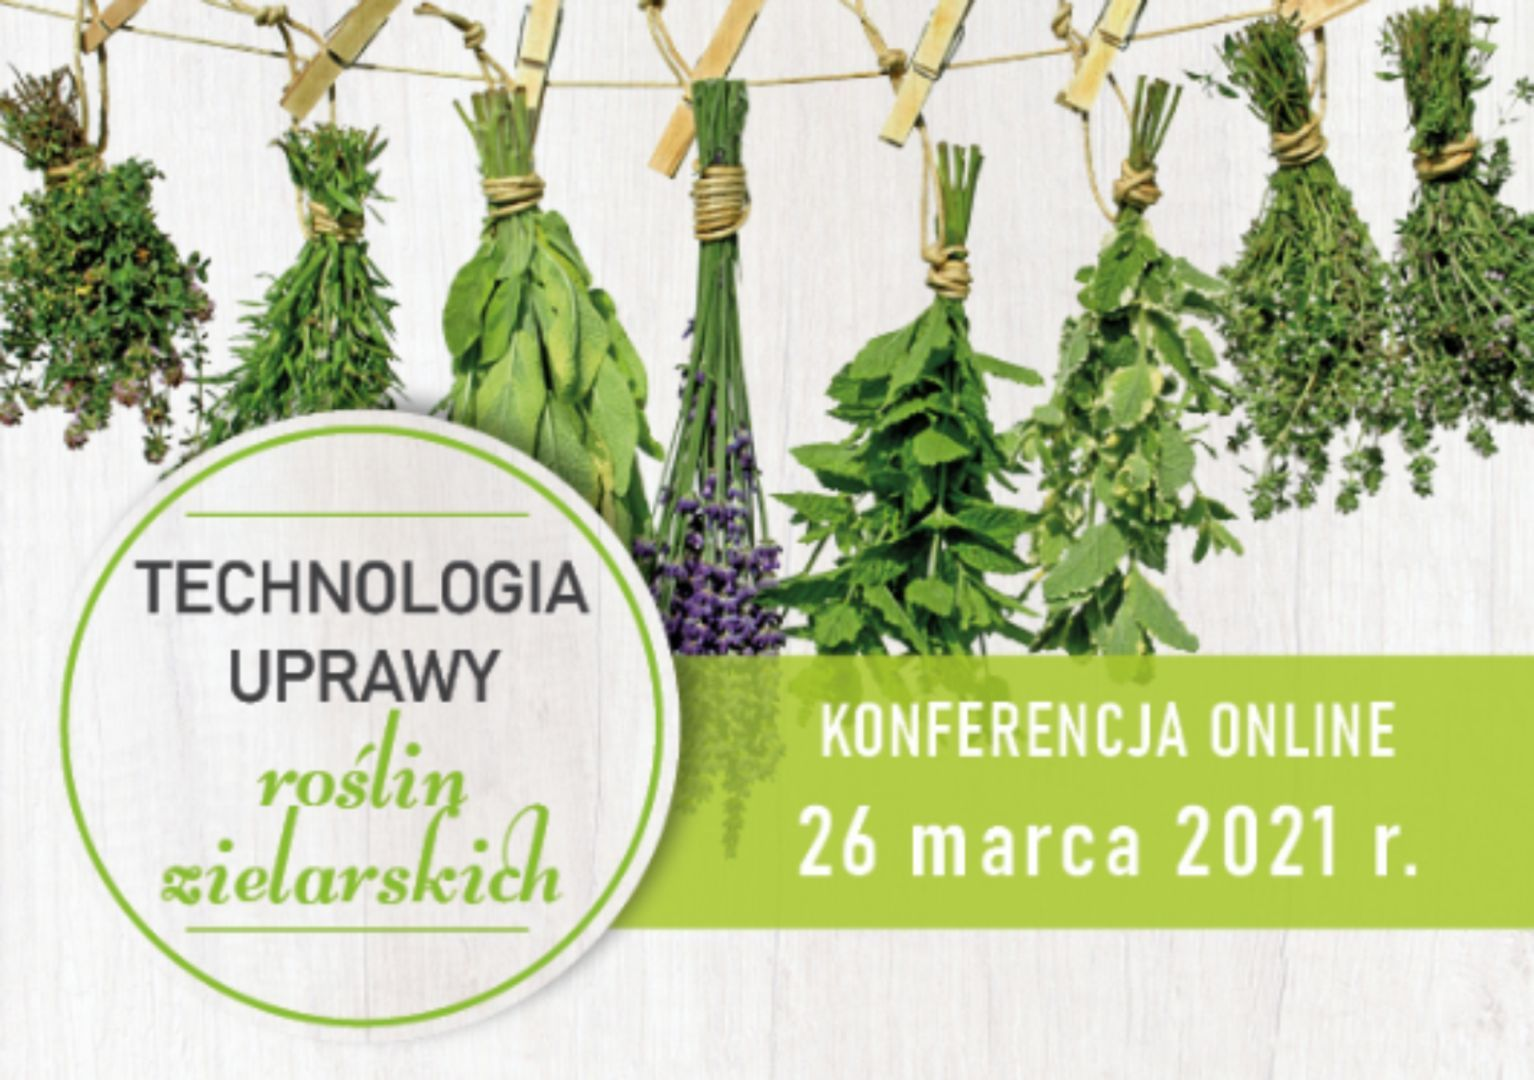 Technologia uprawy roślin zielarskich - KONFERENCJA ONLINE